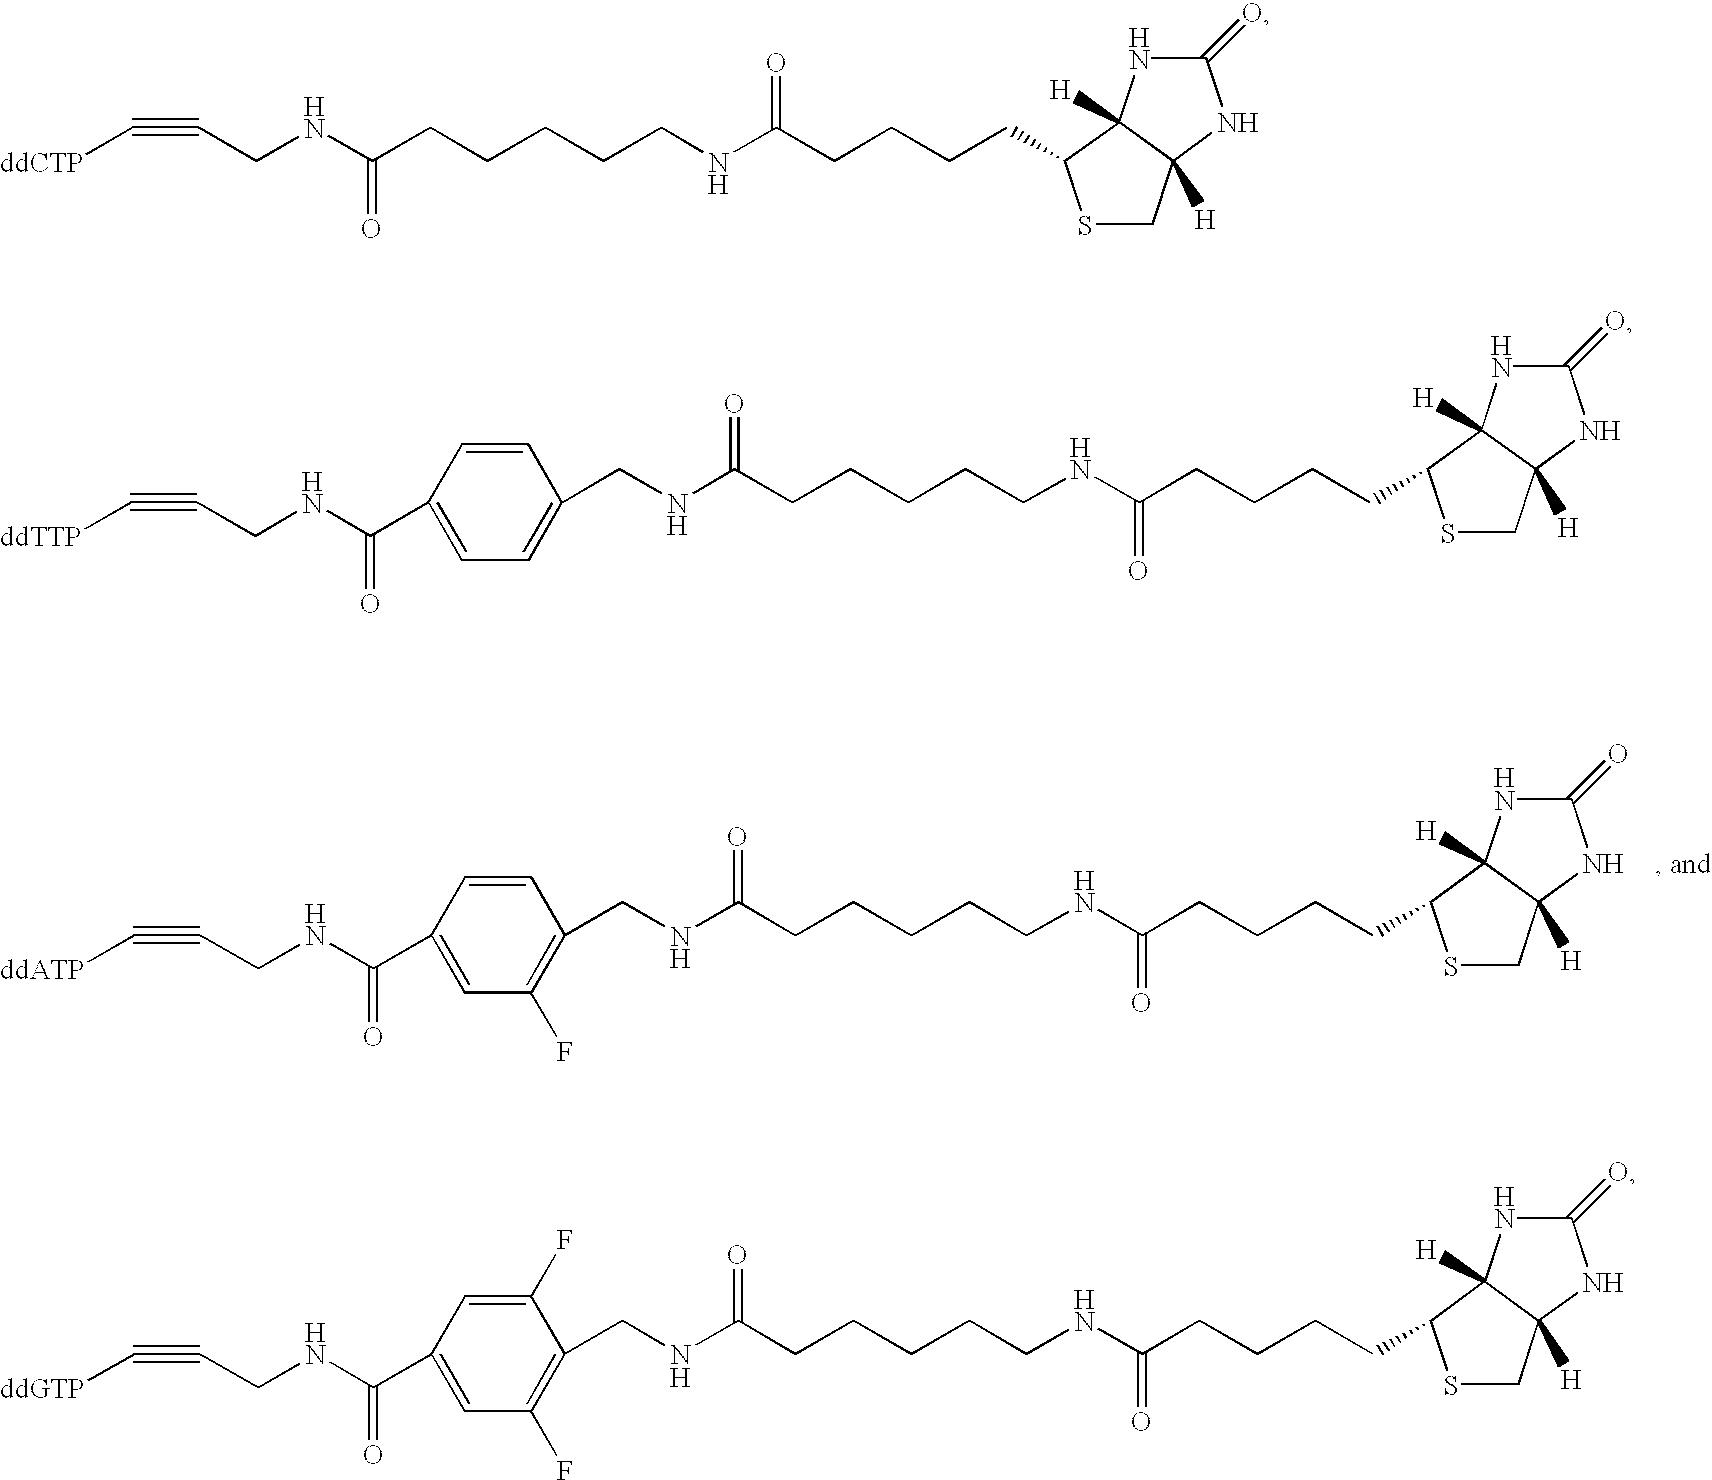 Figure US20030027140A1-20030206-C00003